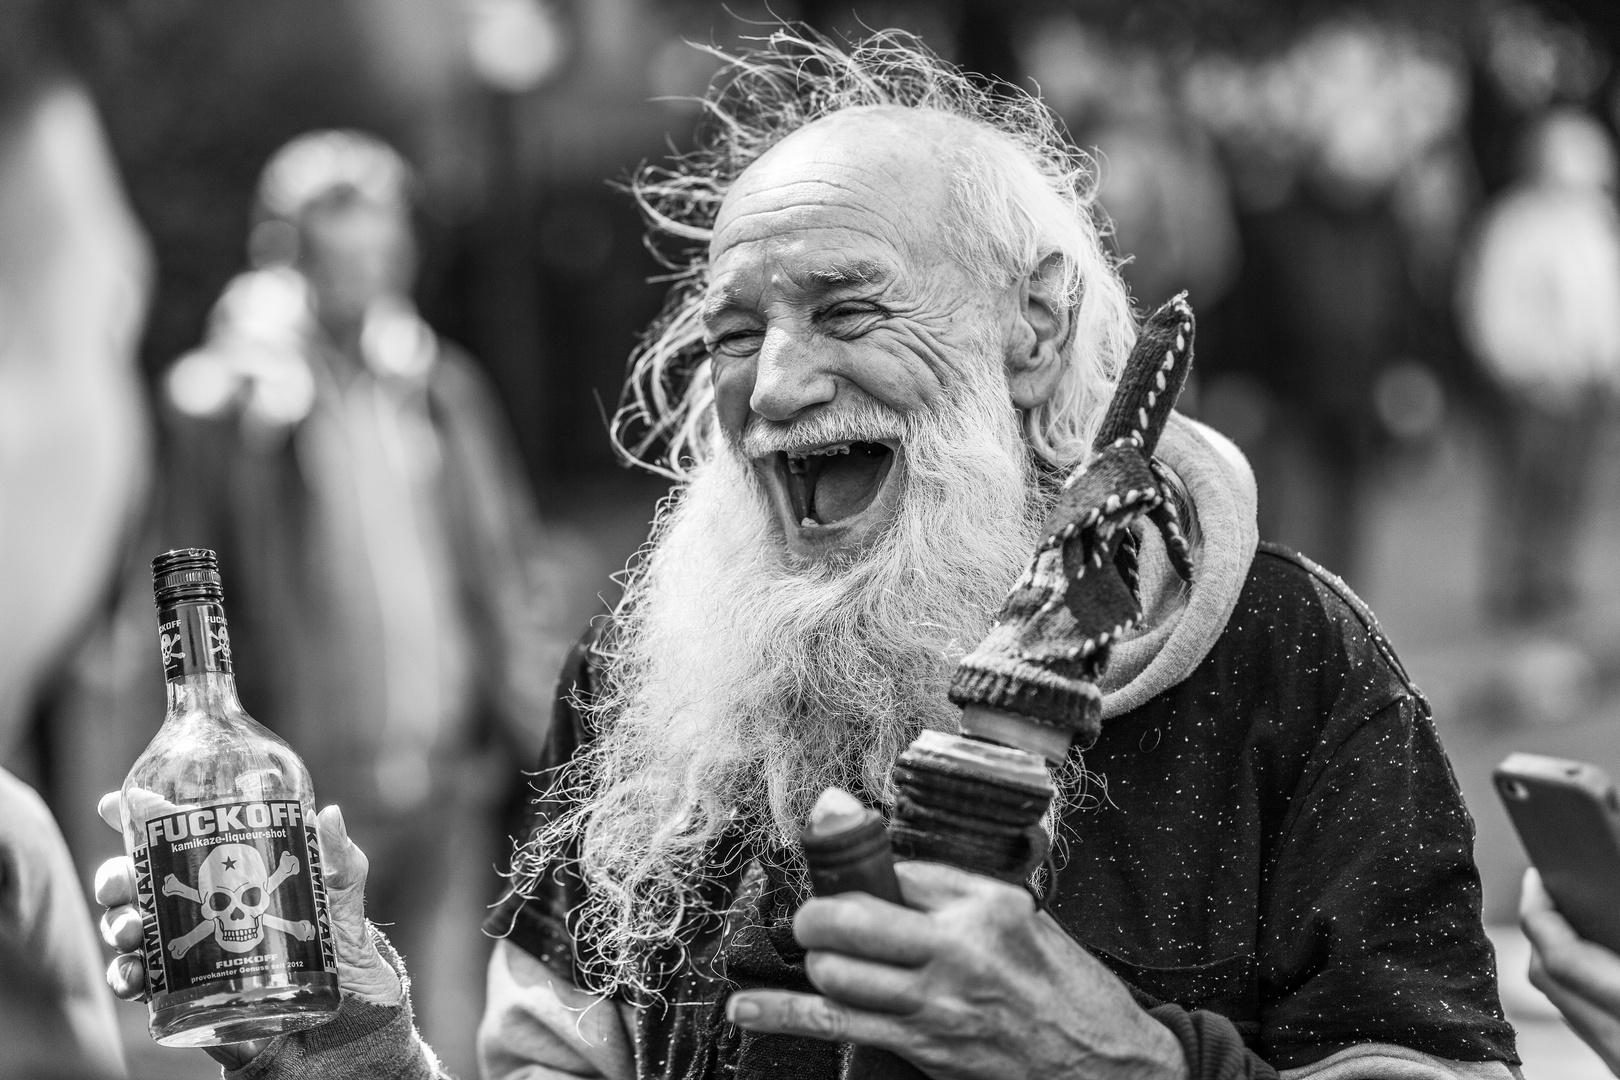 der lustige alte Mann Foto & Bild   streetfotografie